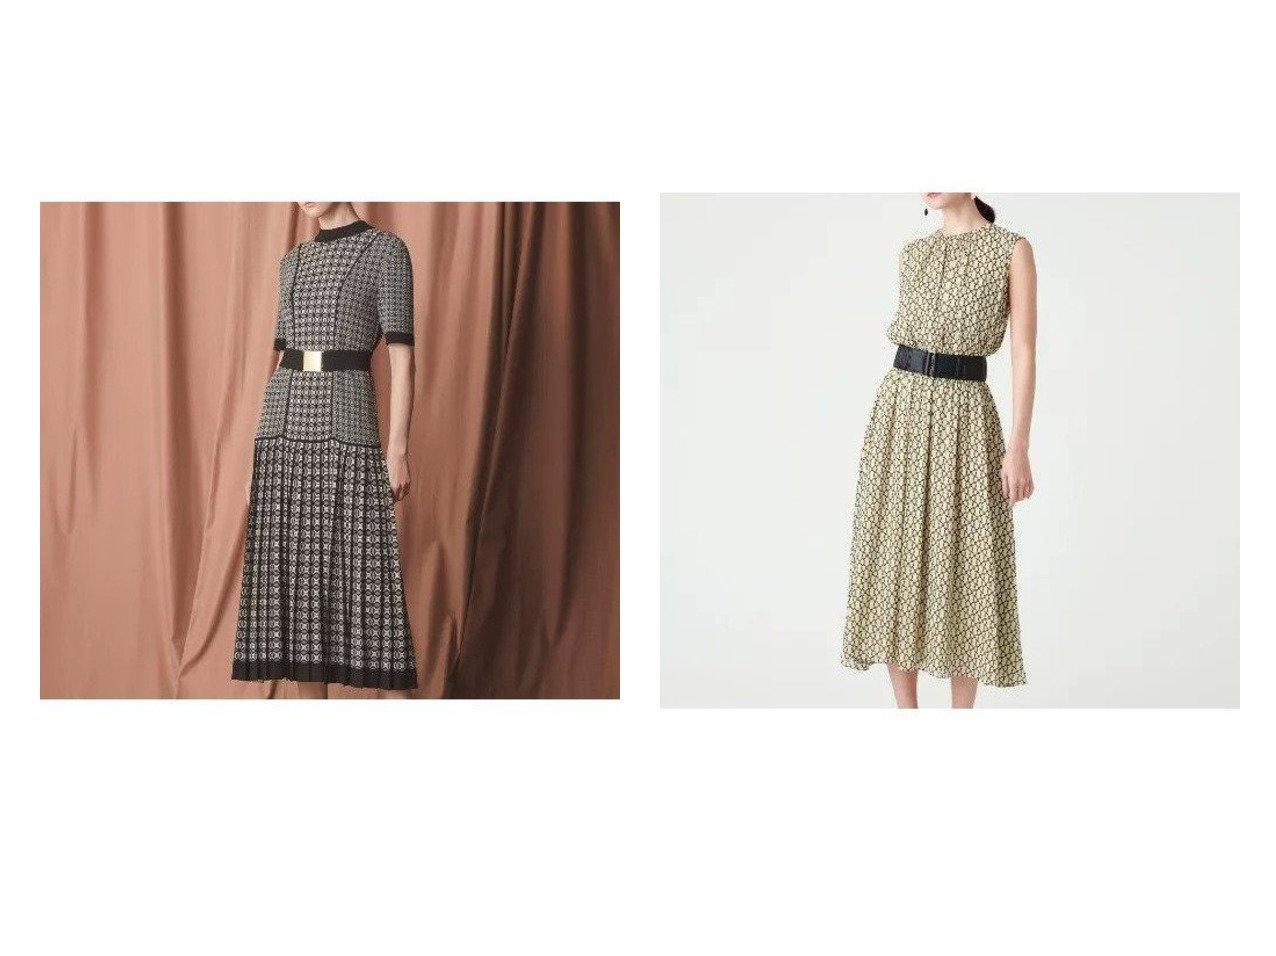 【EPOCA/エポカ】のジオメトリックドレス&ジオメトリックドレス ワンピース・ドレスのおすすめ!人気、レディースファッションの通販 おすすめで人気のファッション通販商品 インテリア・家具・キッズファッション・メンズファッション・レディースファッション・服の通販 founy(ファニー) https://founy.com/ ファッション Fashion レディース WOMEN ワンピース Dress ドレス Party Dresses ドレス フォーマル プリーツ 秋冬 A/W Autumn/ Winter |ID:crp329100000001836